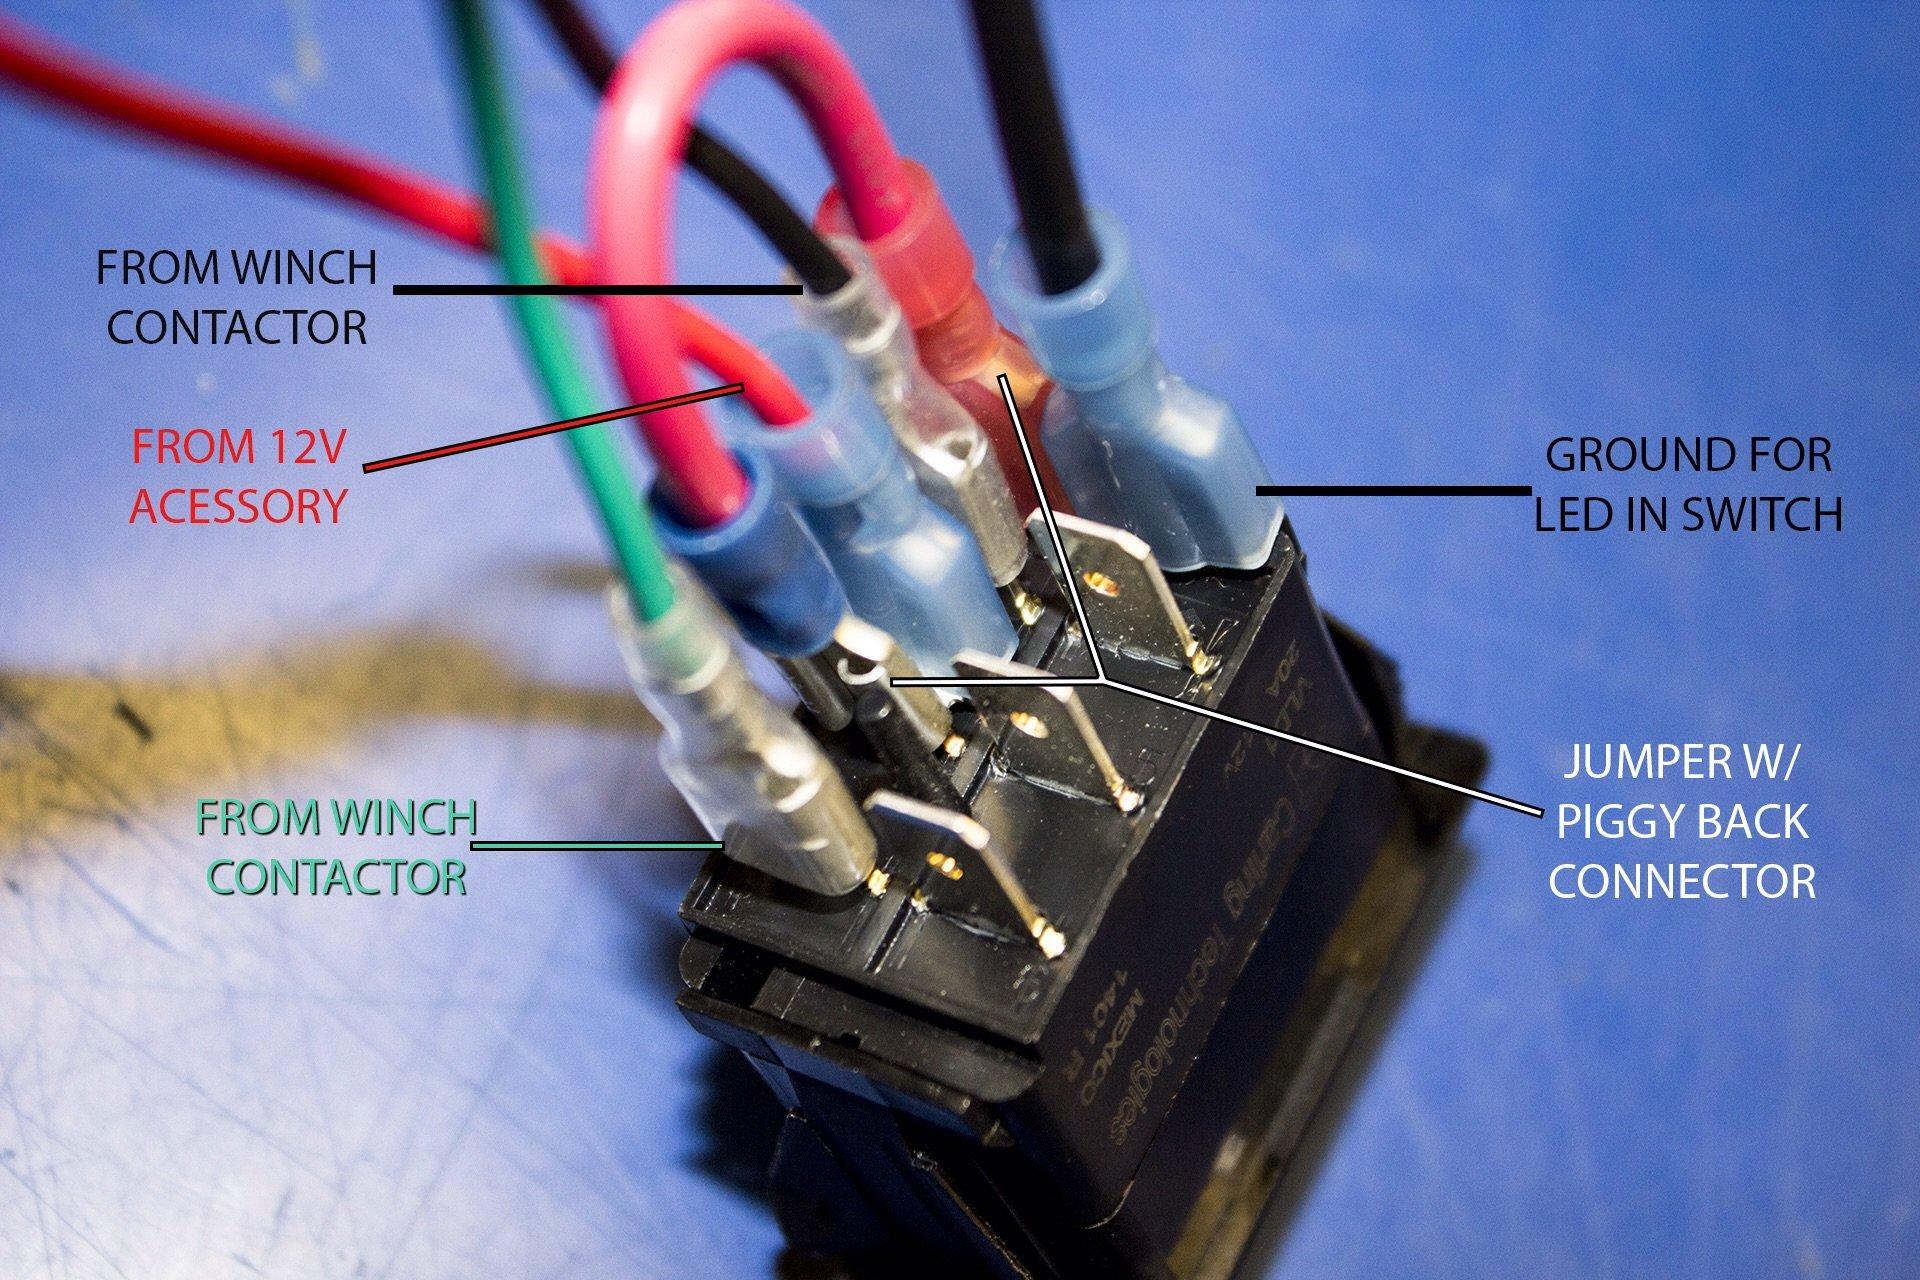 [WLLP_2054]   DT_2732] Also Warn Winch Wiring Diagram On Winch Rocker Switch Wiring  Diagram Schematic Wiring | Toggle Switch For Winch Wiring Diagram |  | Wida Proe Faun Lukep None Hison Mous Otene Phae Mohammedshrine Librar Wiring  101